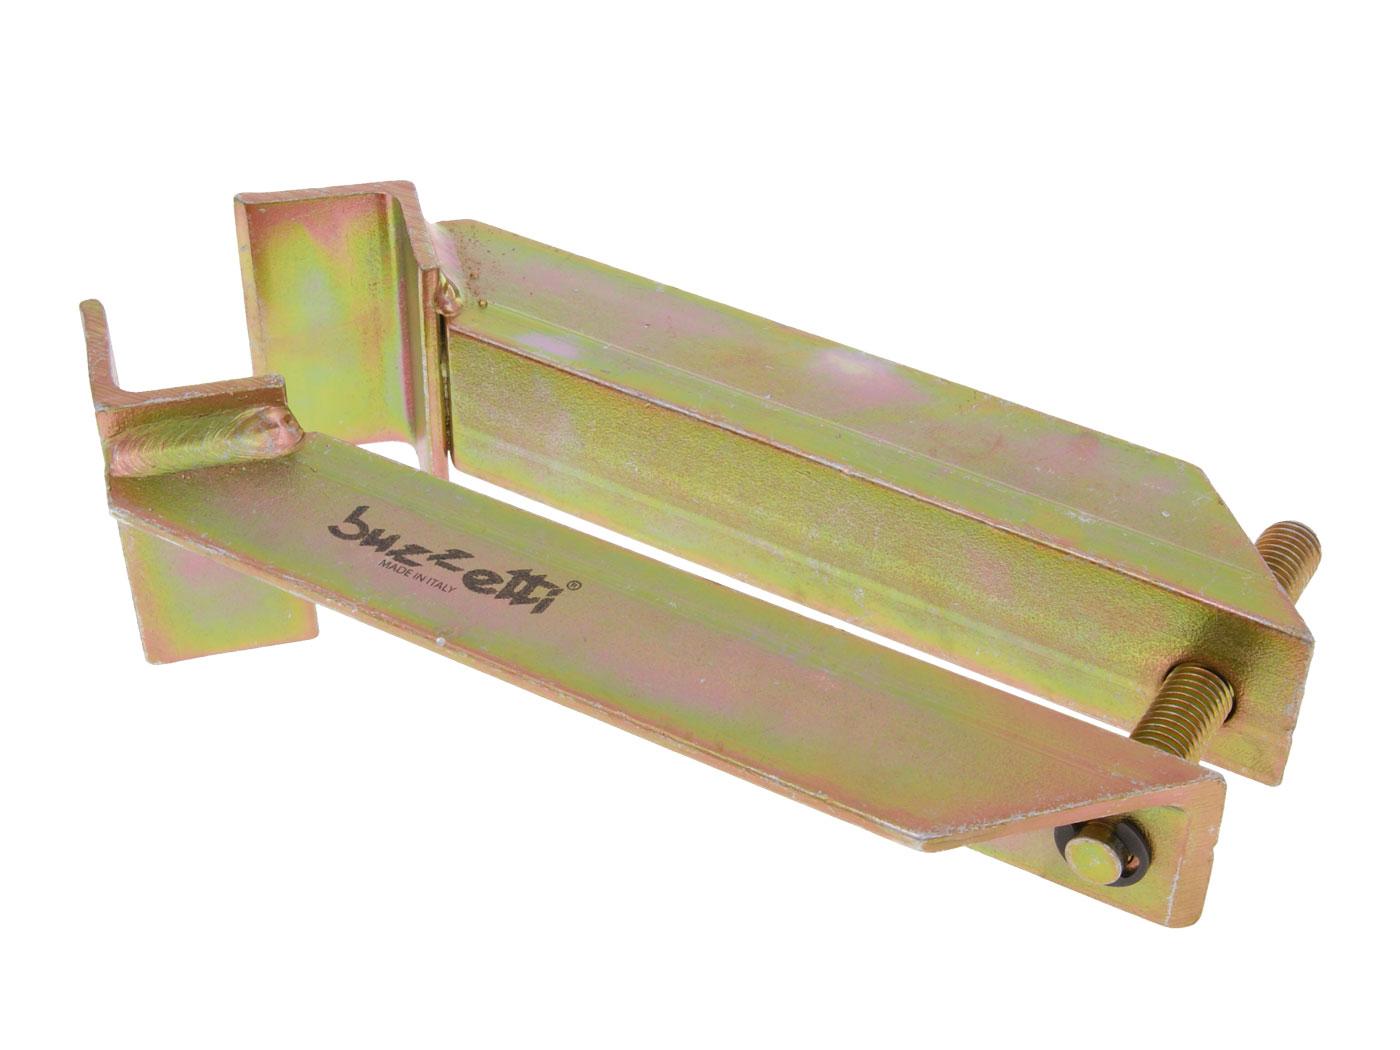 Schraubstock Klemme Buzzetti f�r zylindrische Teile 26-70mm